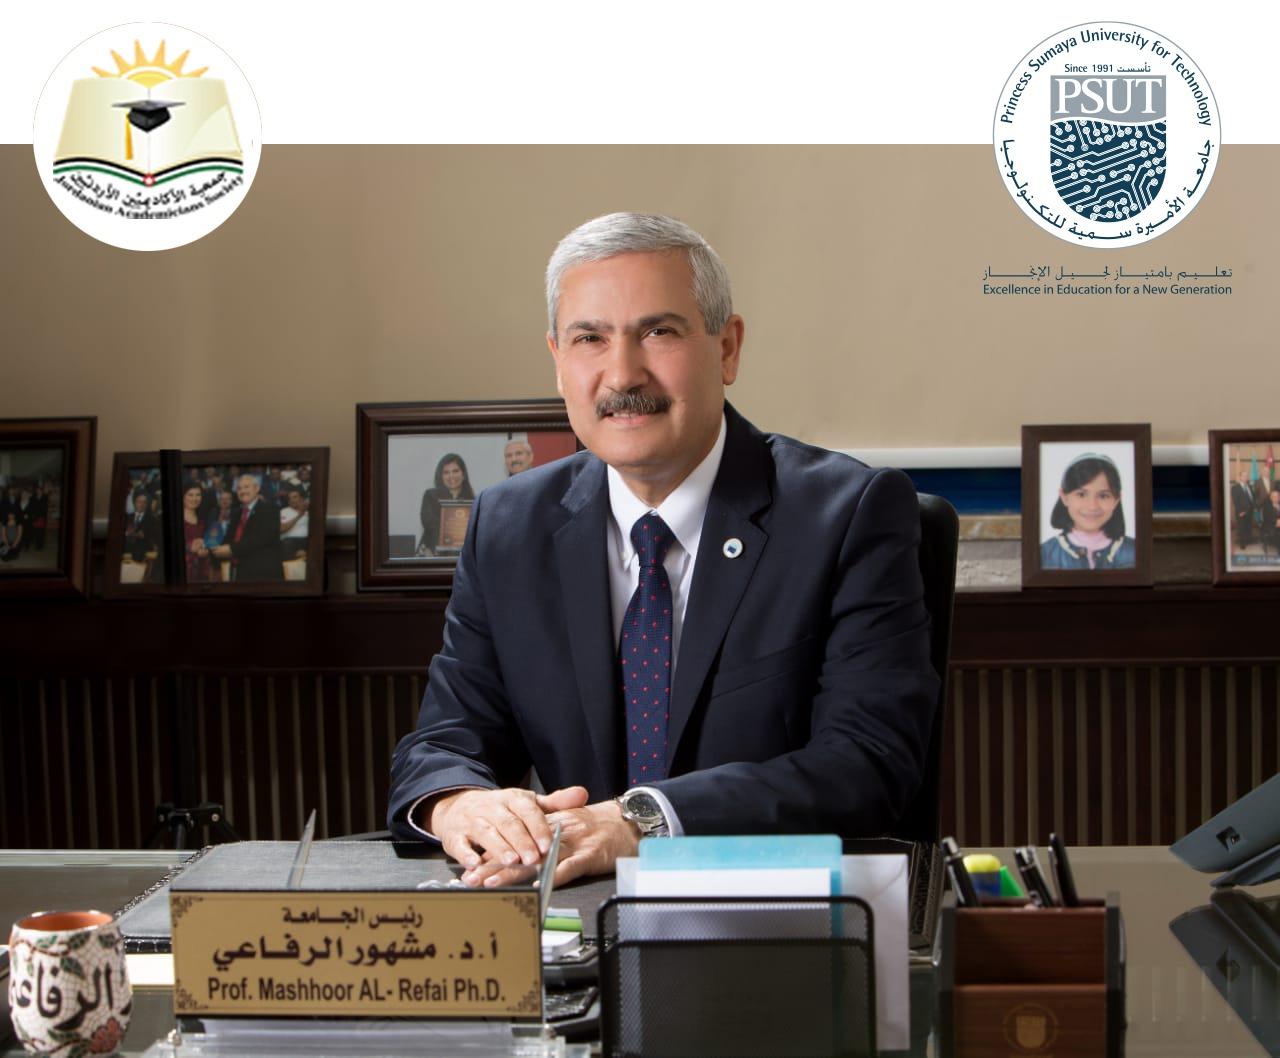 الرفاعي يطرحُ سيناريو لتميّز الجامعات الأردنية عالمياً